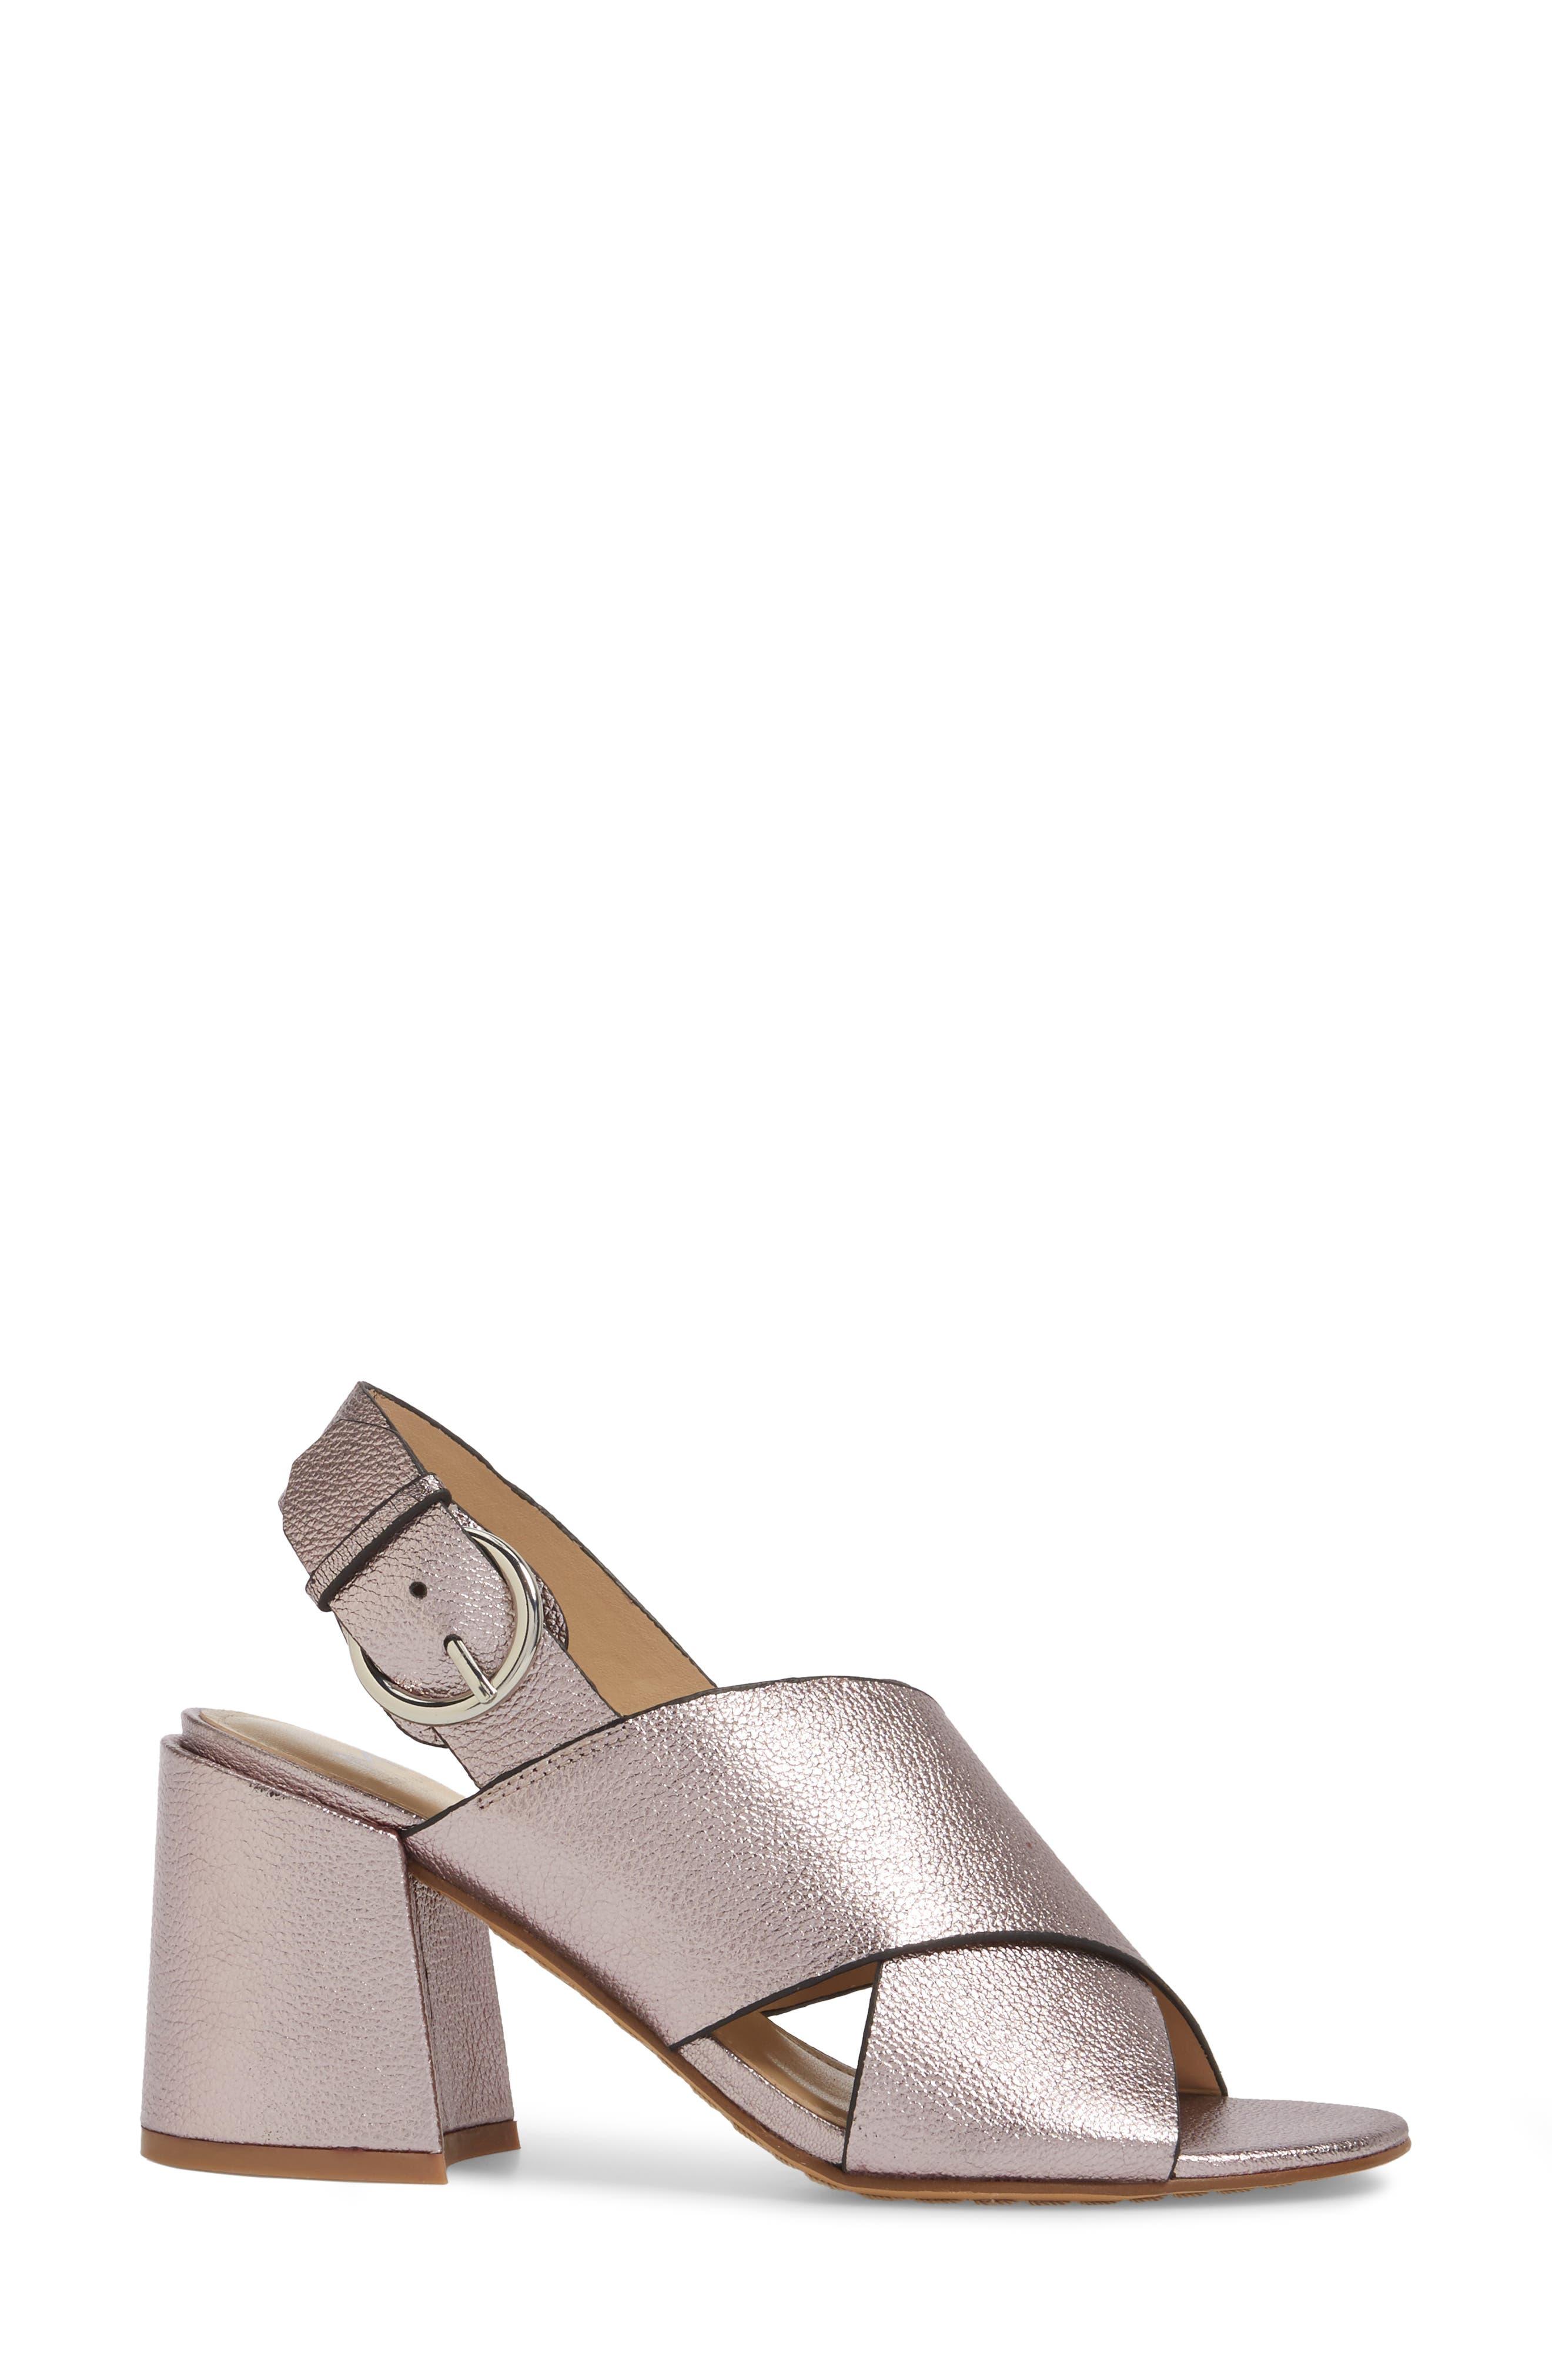 Alternate Image 3  - Marc Fisher LTD Hocie Slingback Sandal (Women)